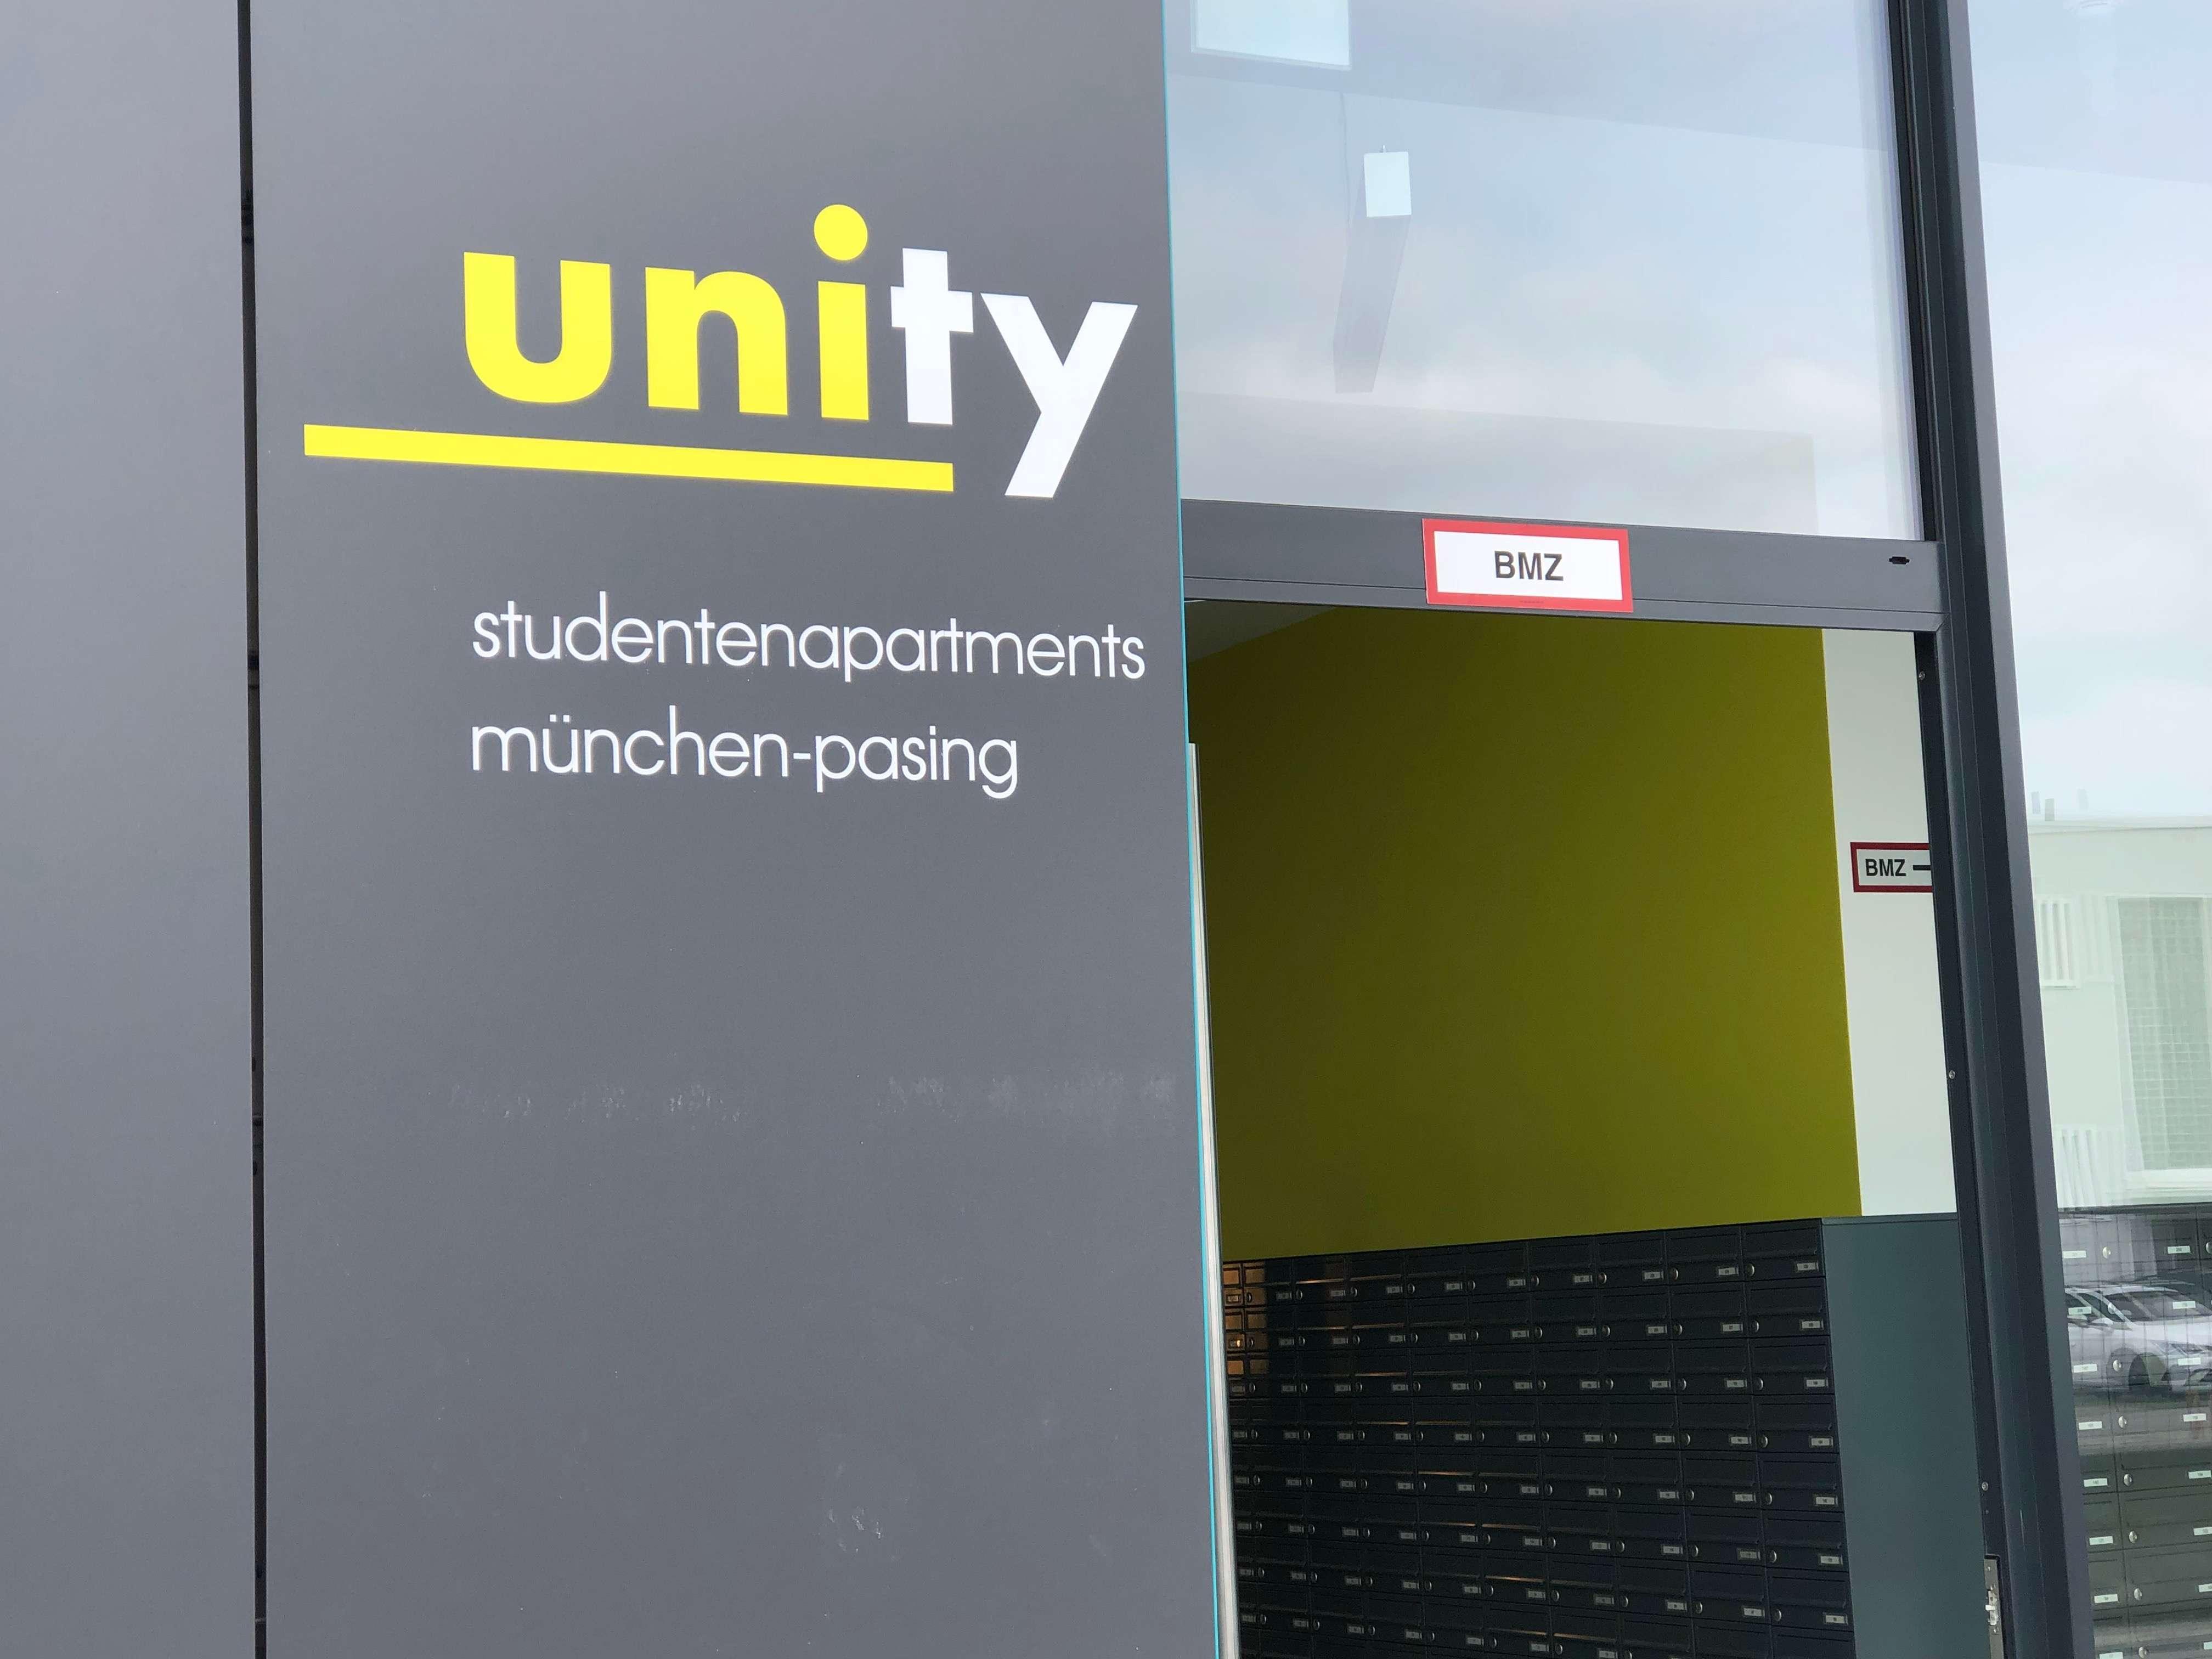 Traumhaftes Dachgeschoss - Apartment mit großer Terasse für Studenten in Pasing - provisionsfrei